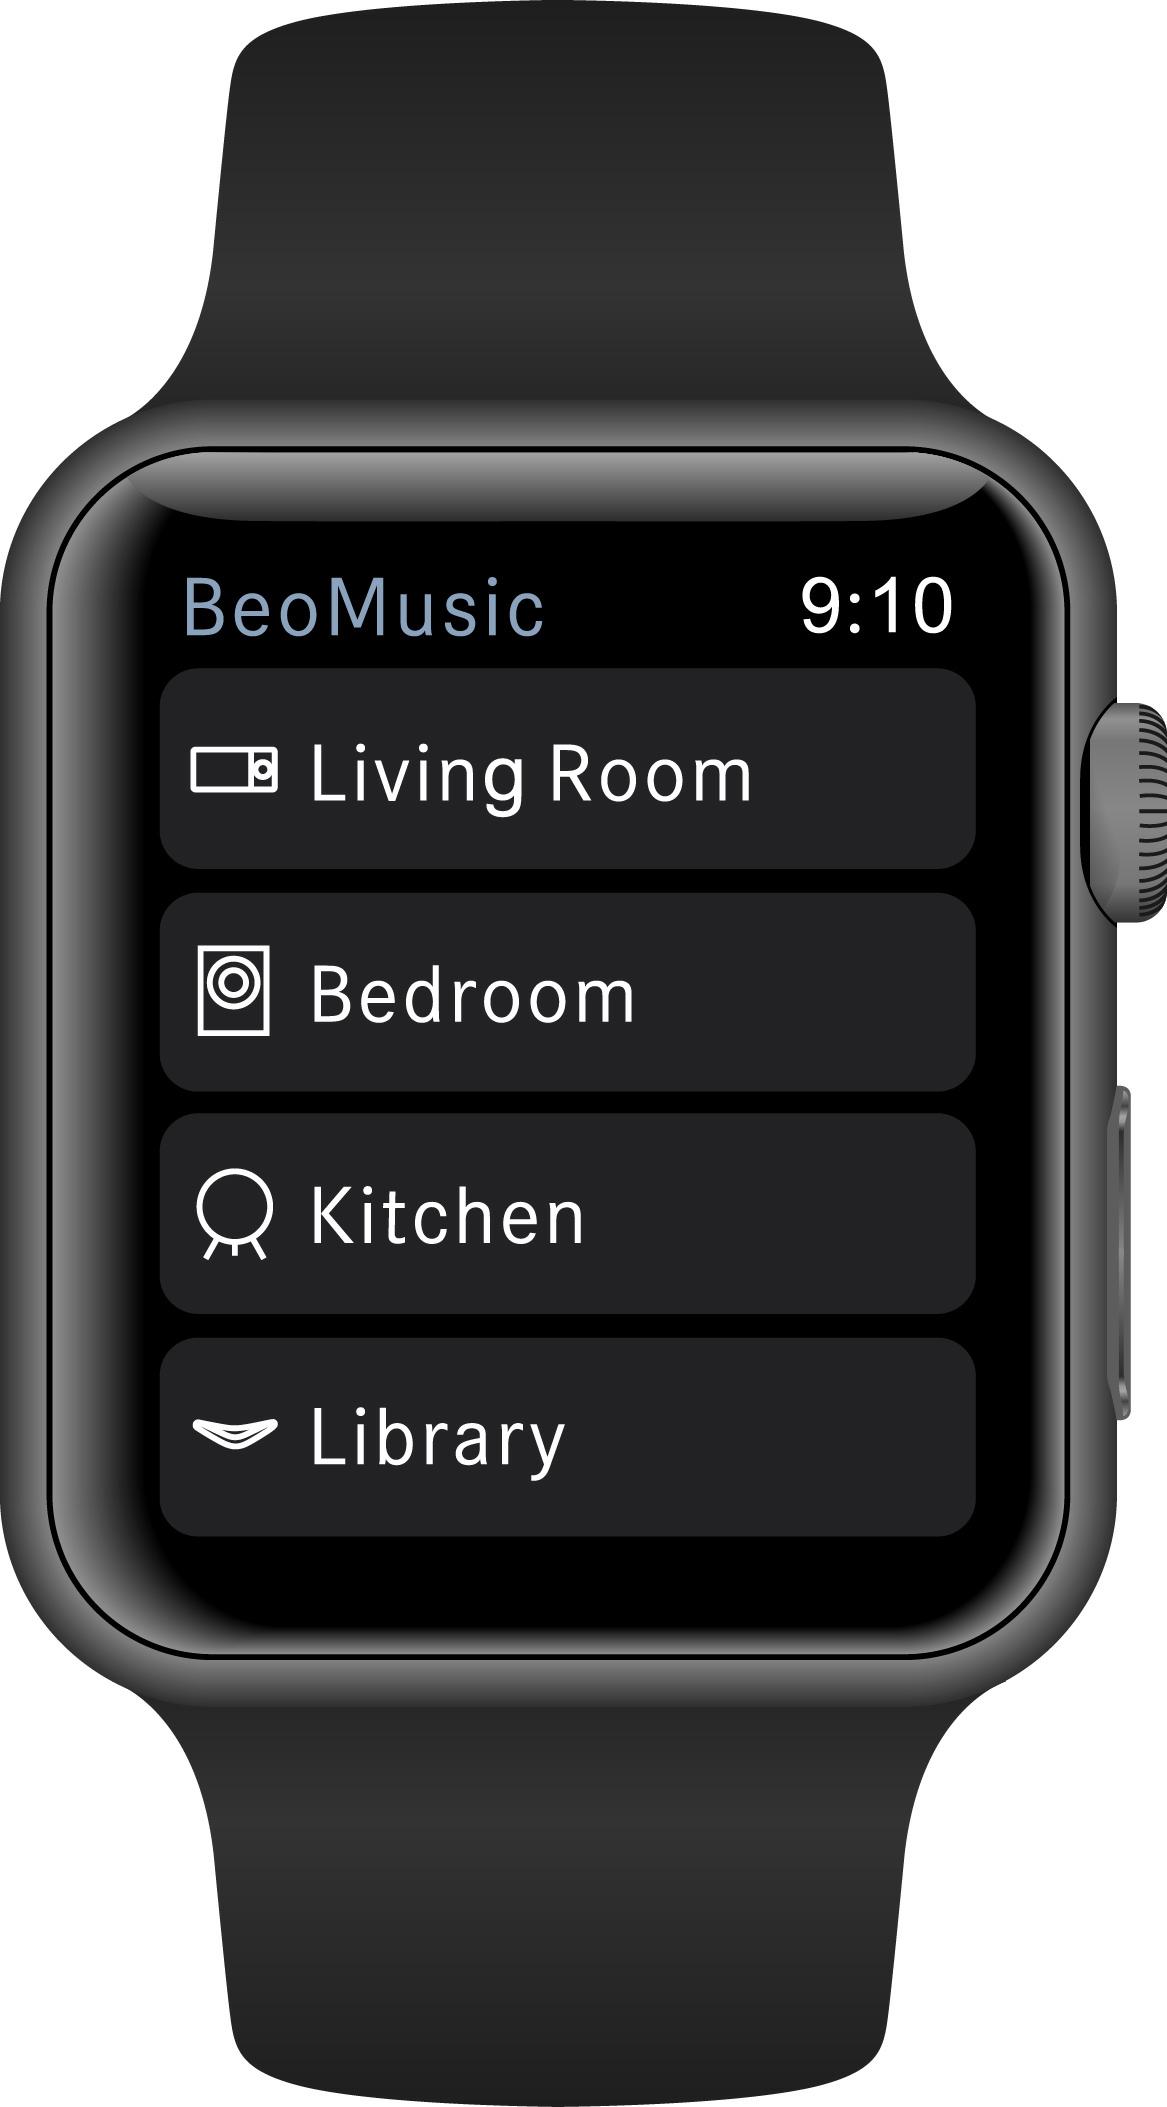 bogo_beomusic_apple_watch